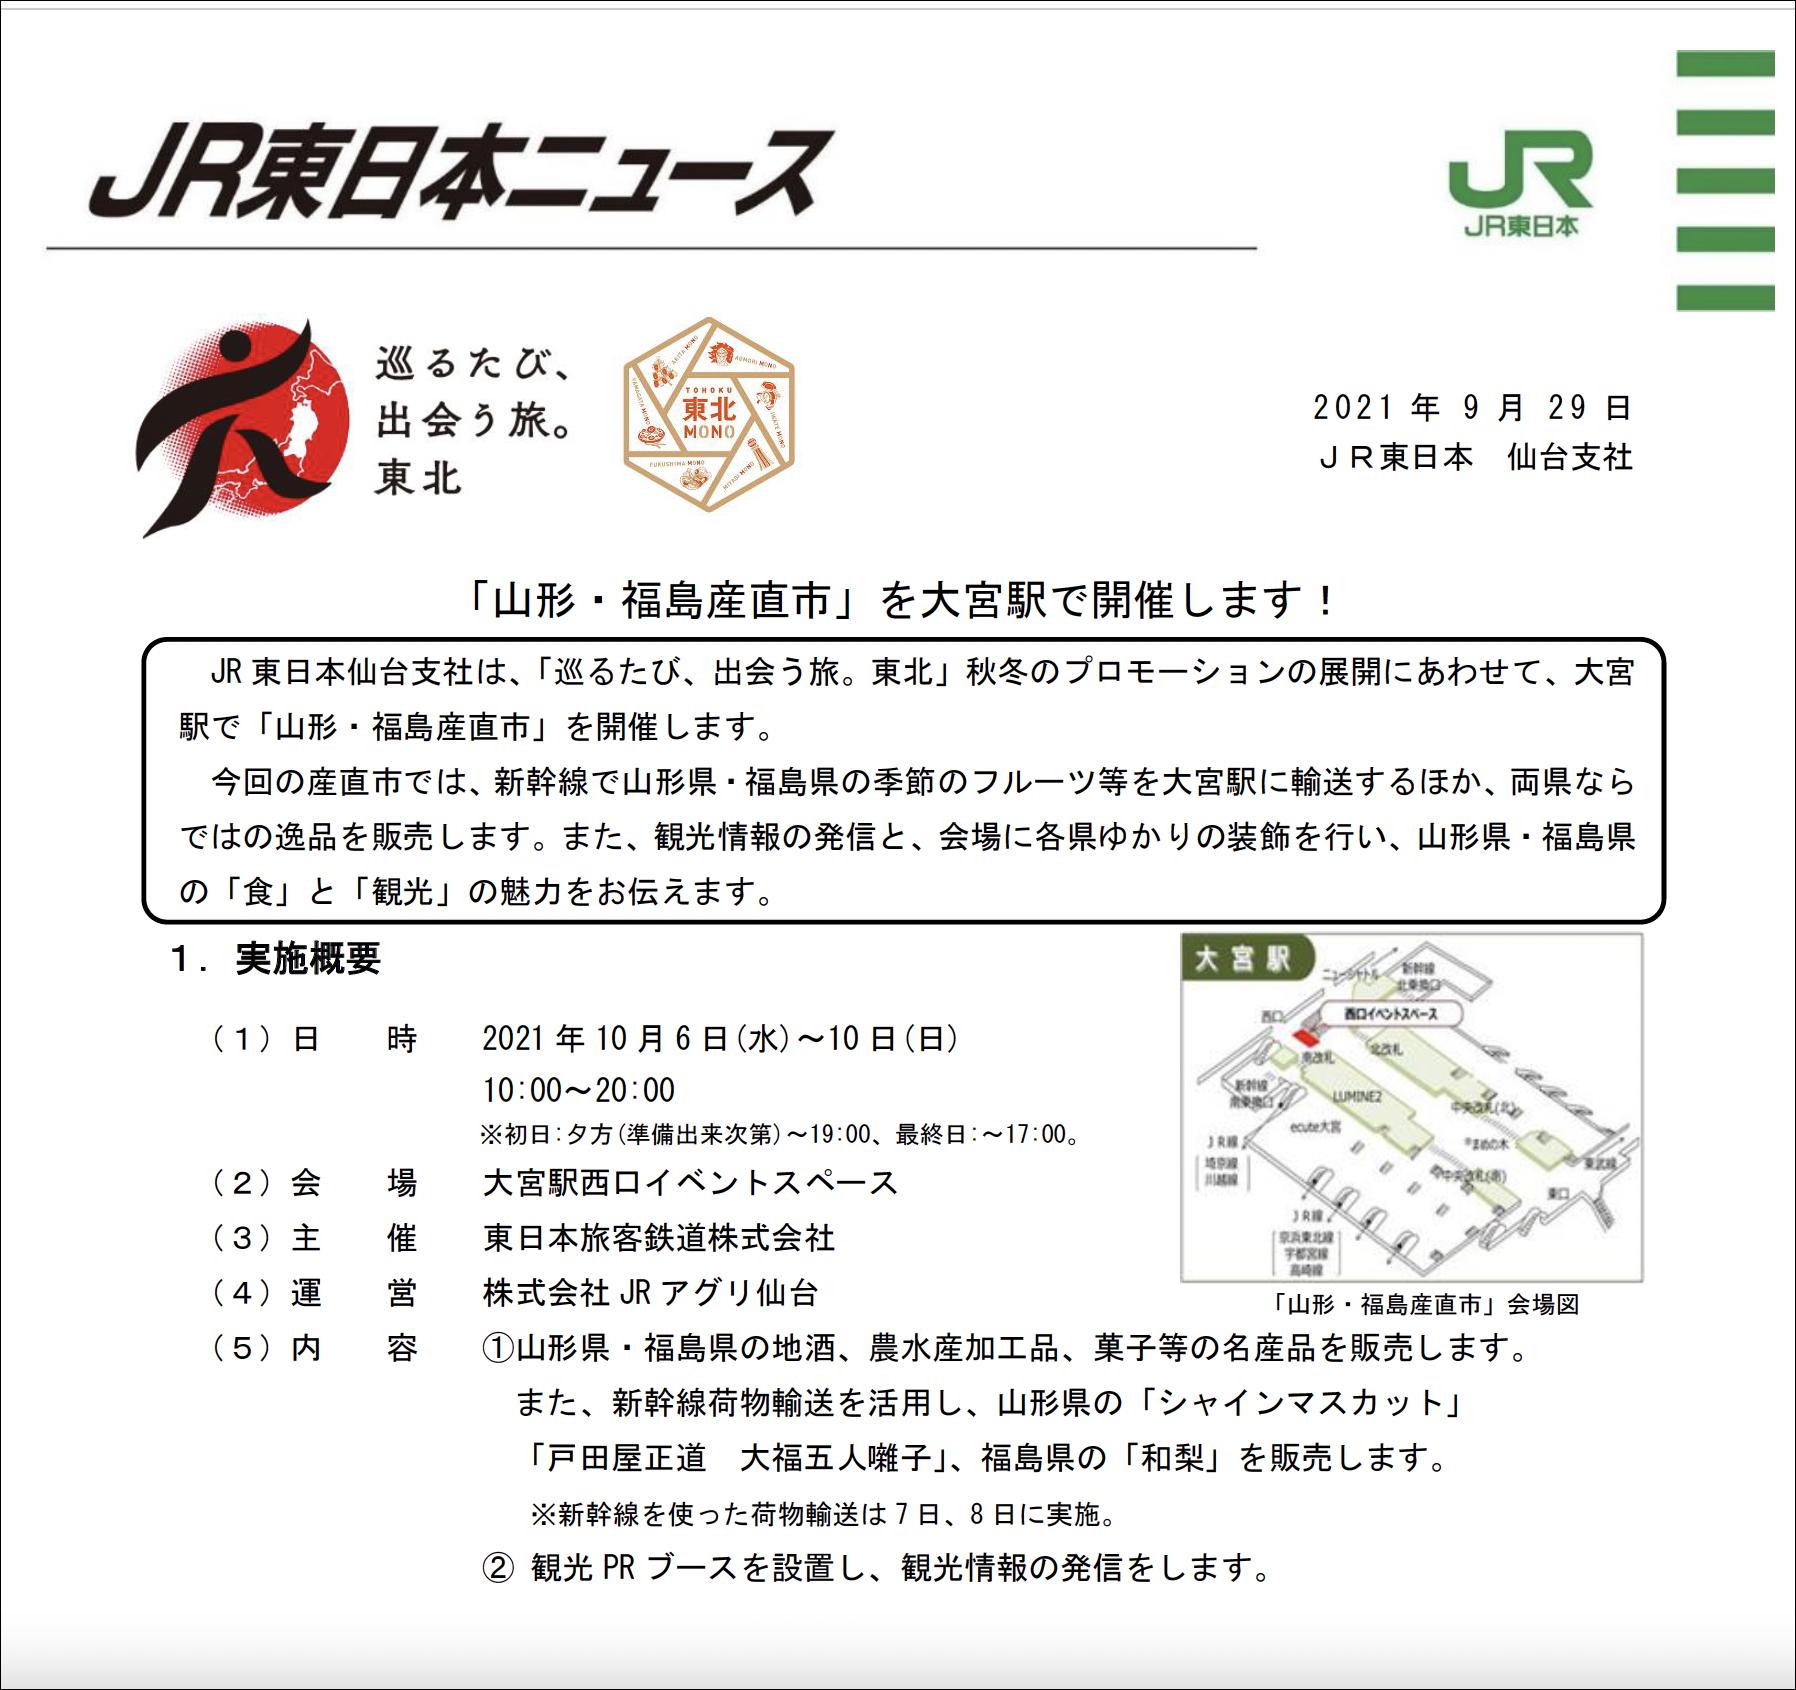 JR東日本ニュース2021.09.29号